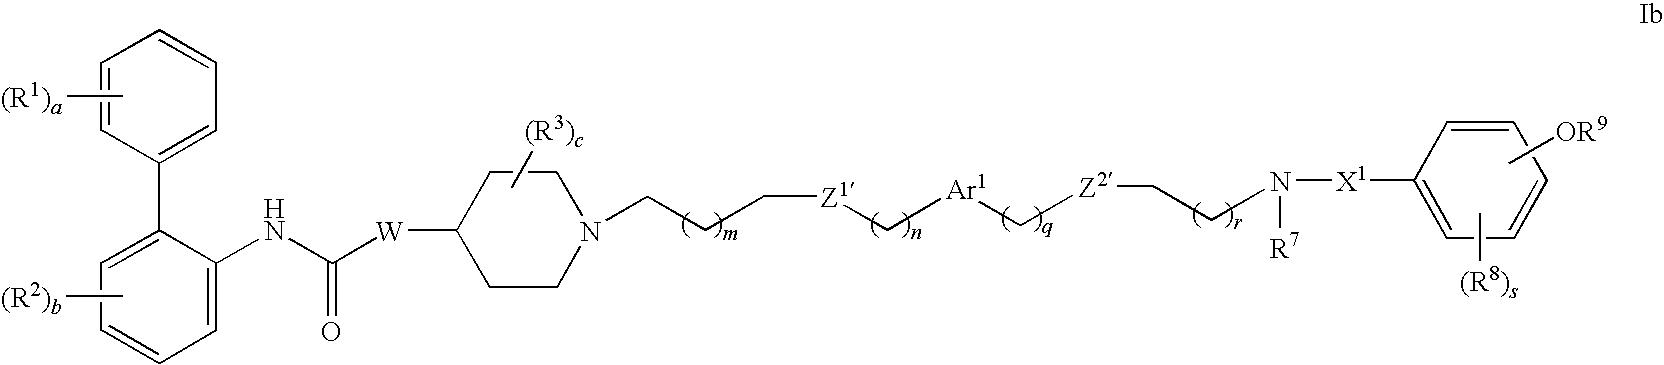 Figure US20100093753A1-20100415-C00013